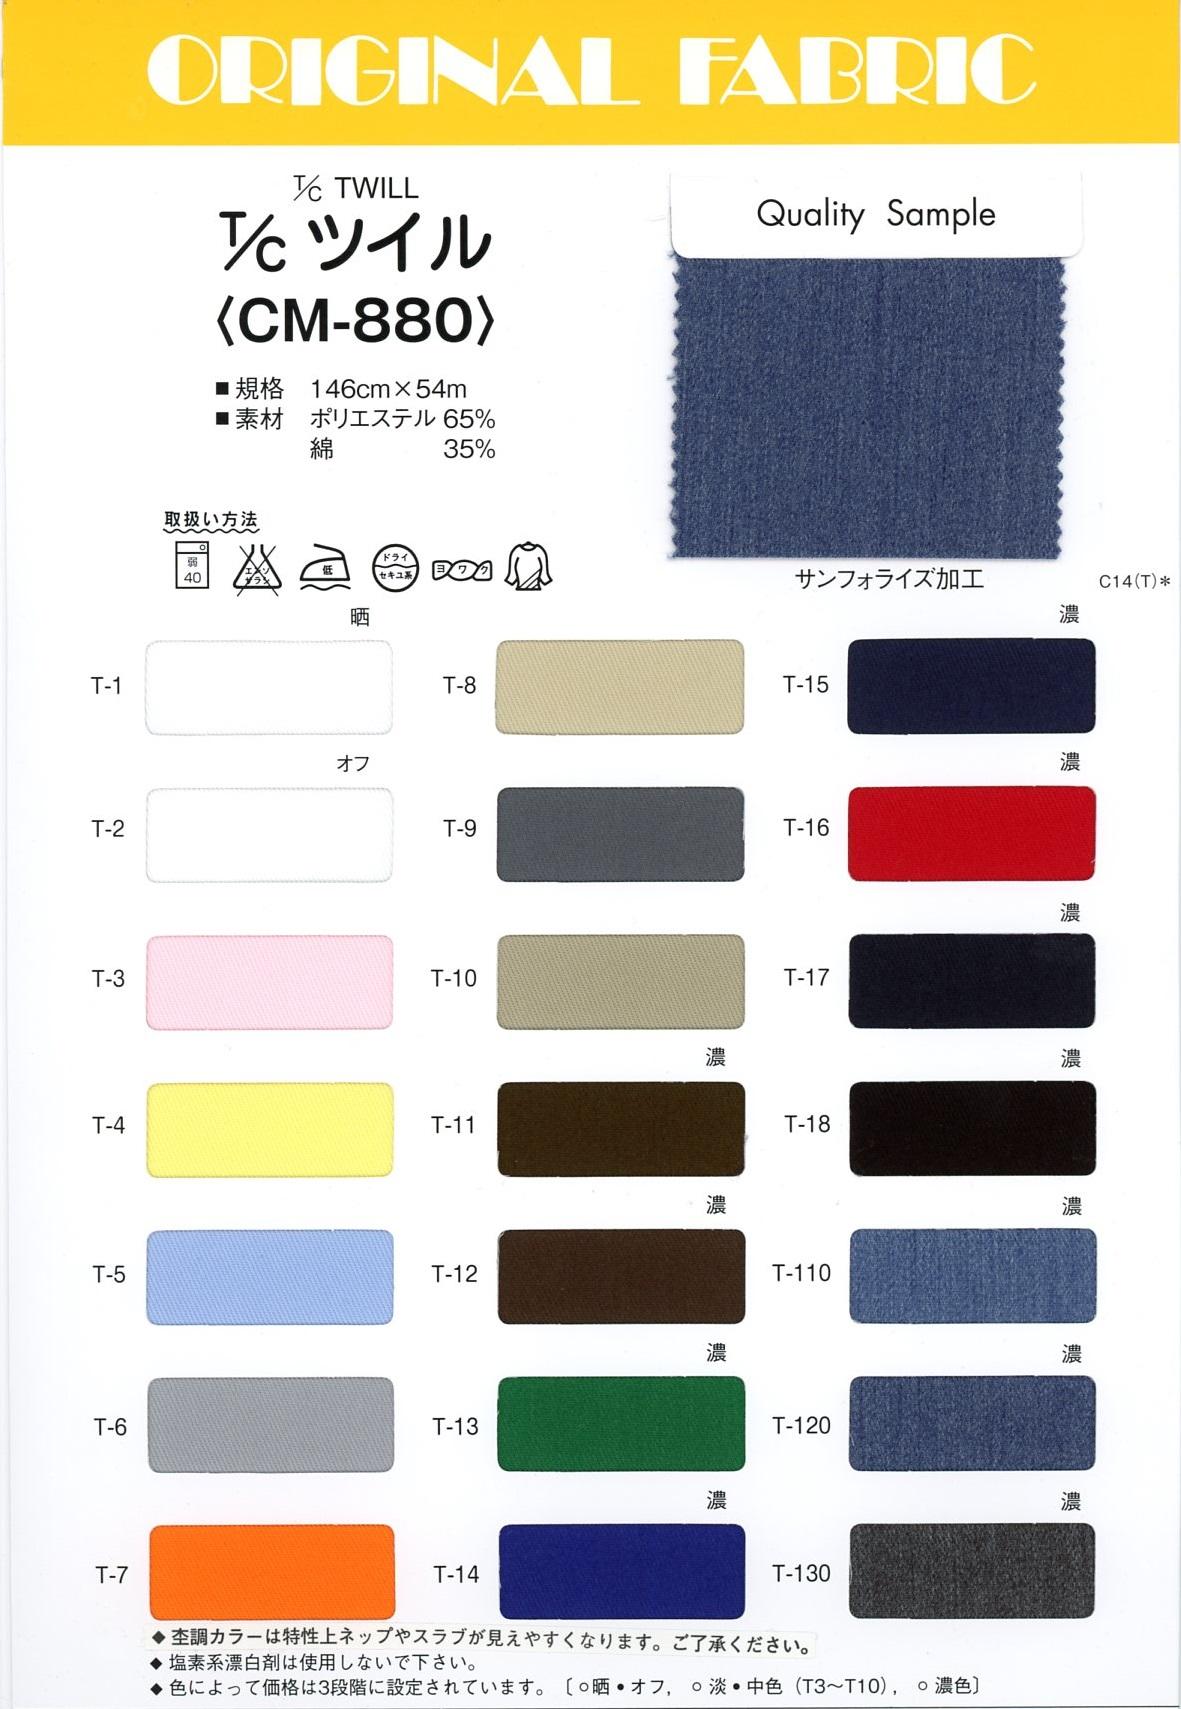 CM-880 T/C ツイル[生地] Masuda(マスダ)/オークラ商事 - ApparelX アパレル資材卸通販